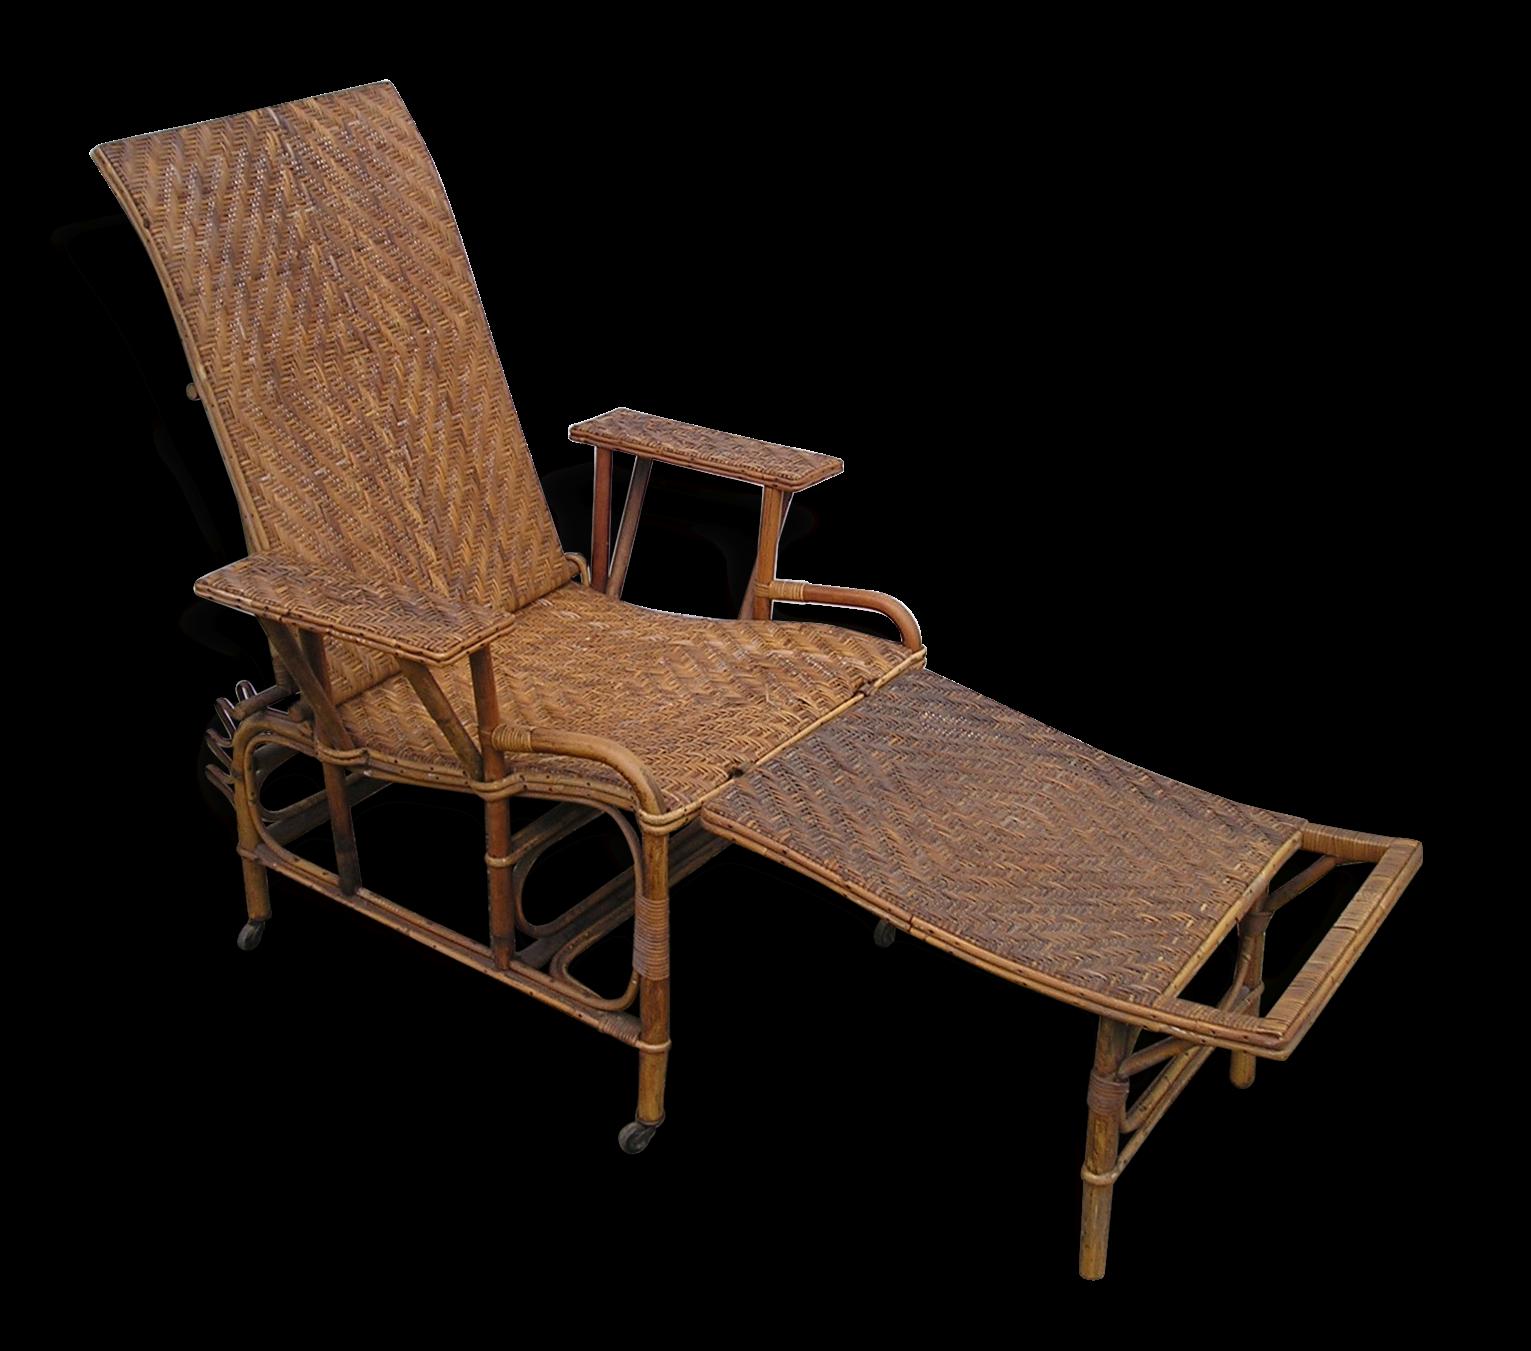 rotin ou osier top buste mannequin rotin osier vintage. Black Bedroom Furniture Sets. Home Design Ideas